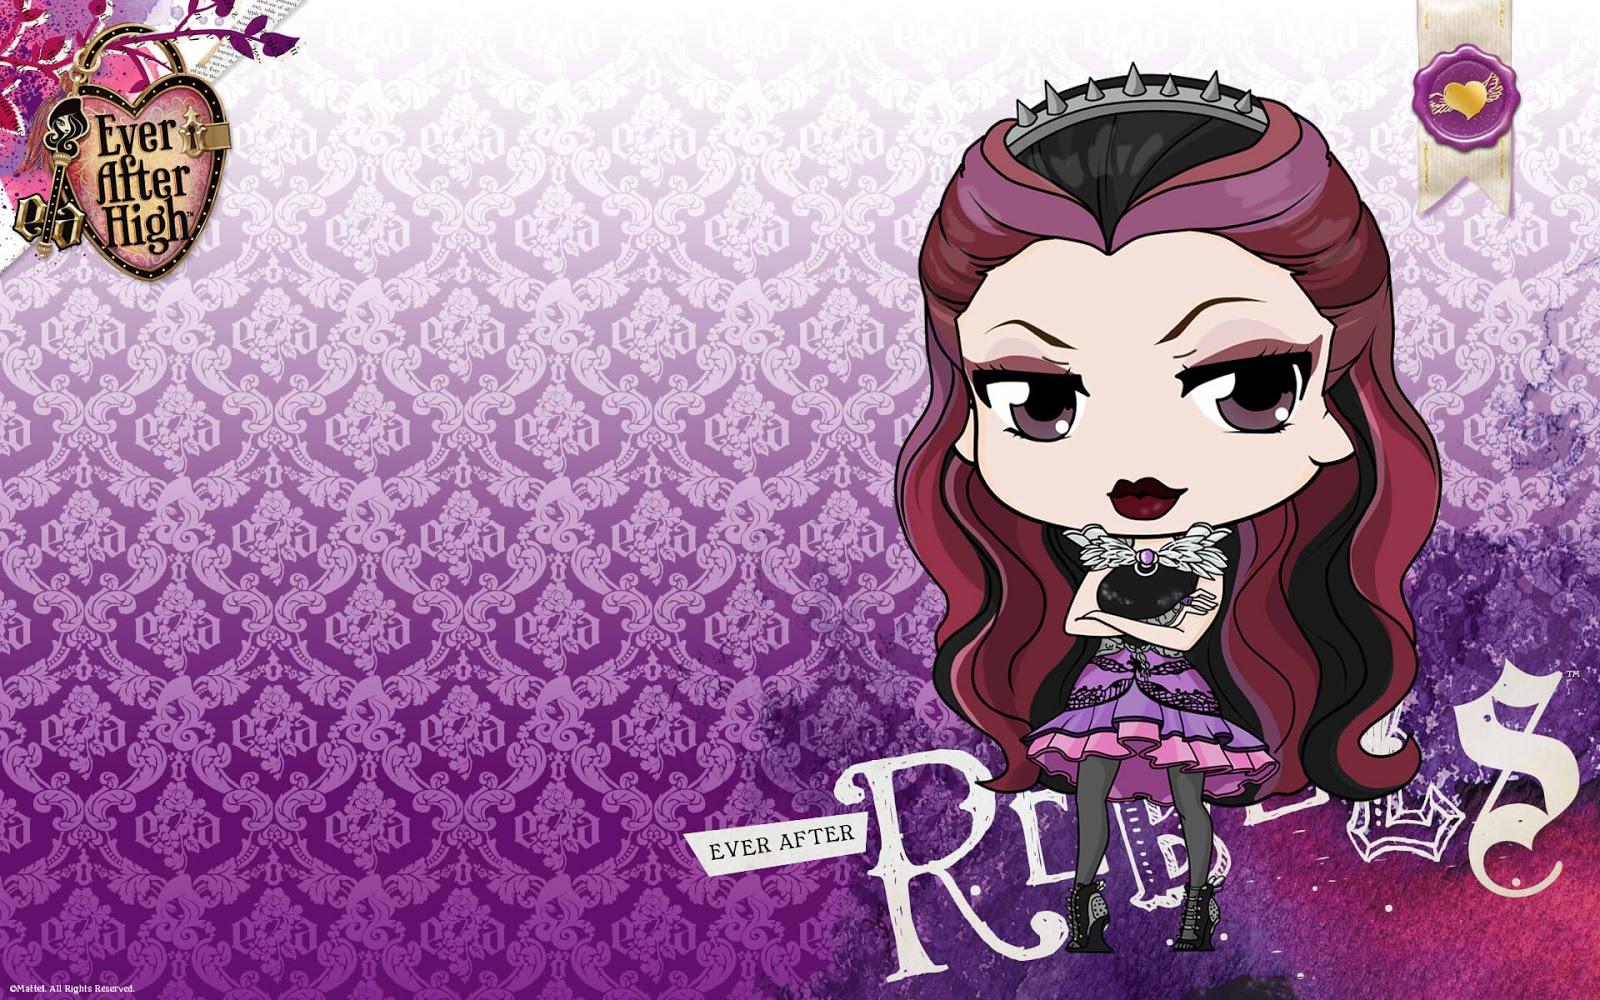 Ever After High Raven Queen Wallpaper Ever after high raven queen 1600x1000